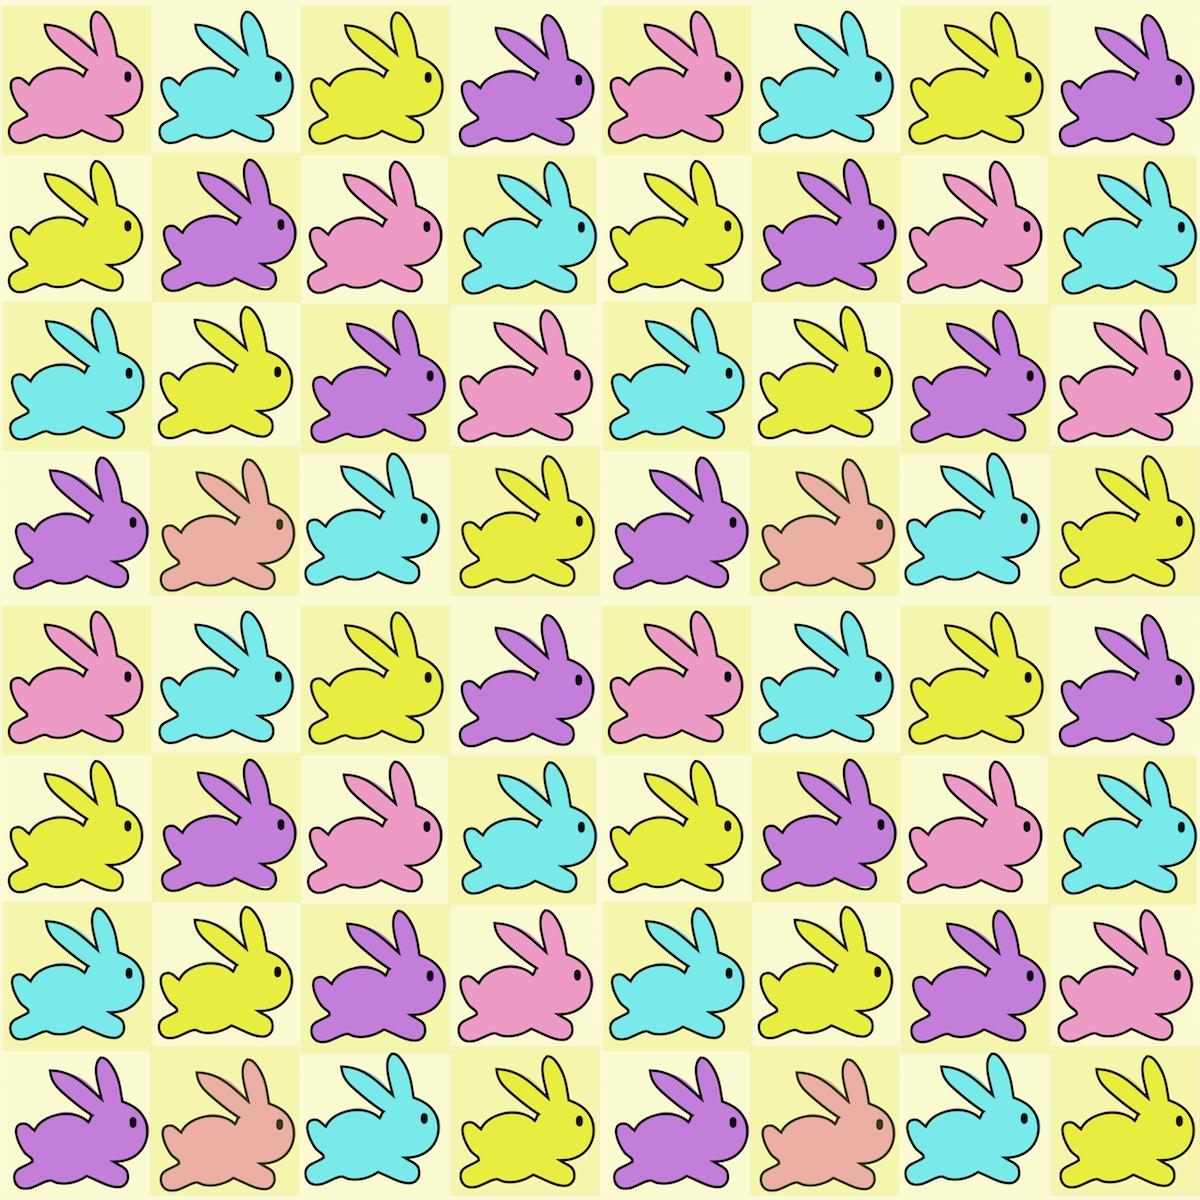 Scrapbook paper baby - Free Digital Baby Bunny Scrapbooking Paper